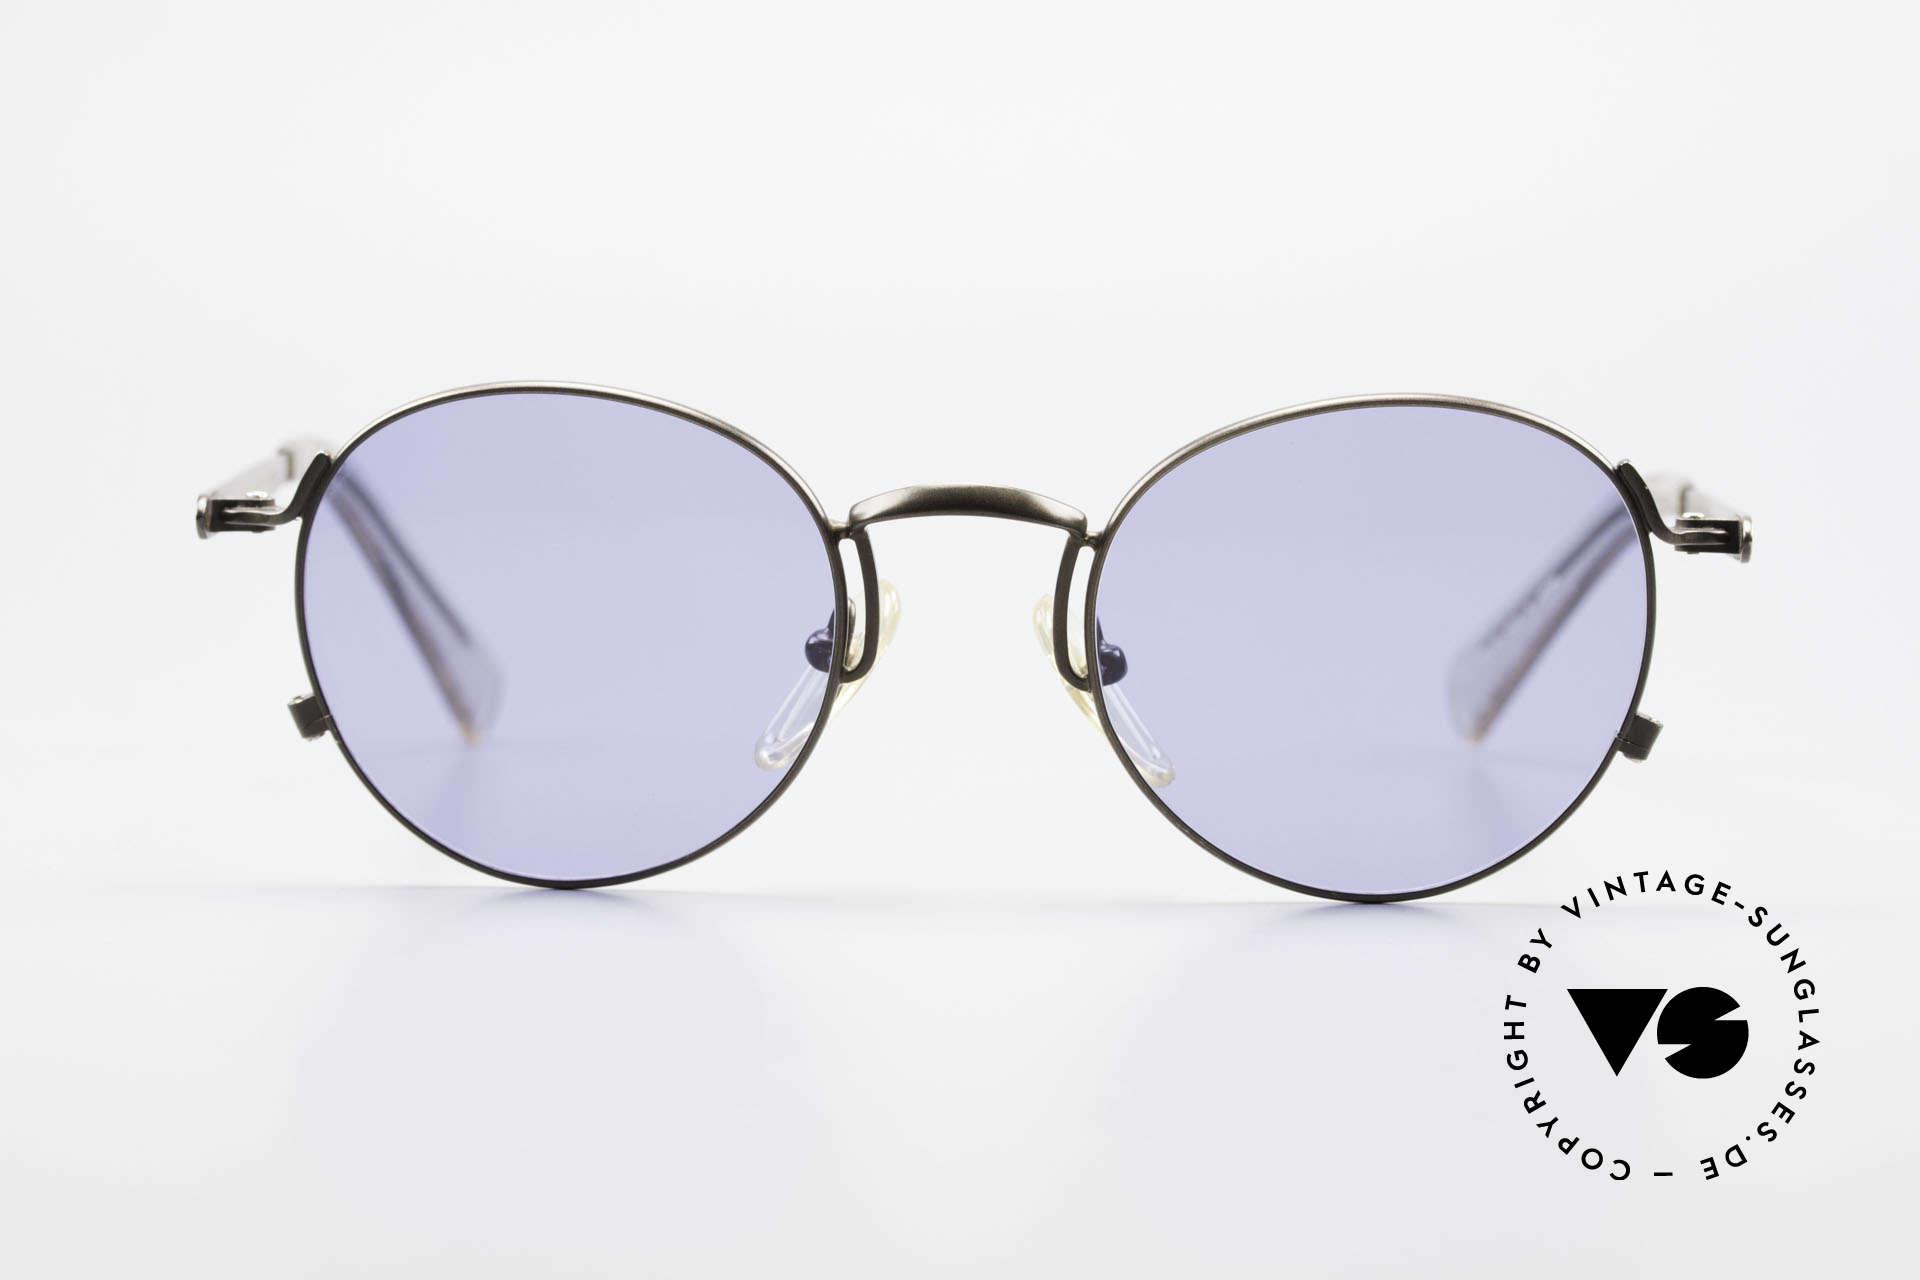 Jean Paul Gaultier 57-1171 90er Designer Sonnenbrille, einzigartig glänzende Lackierung in braungrau-metallic, Passend für Herren und Damen